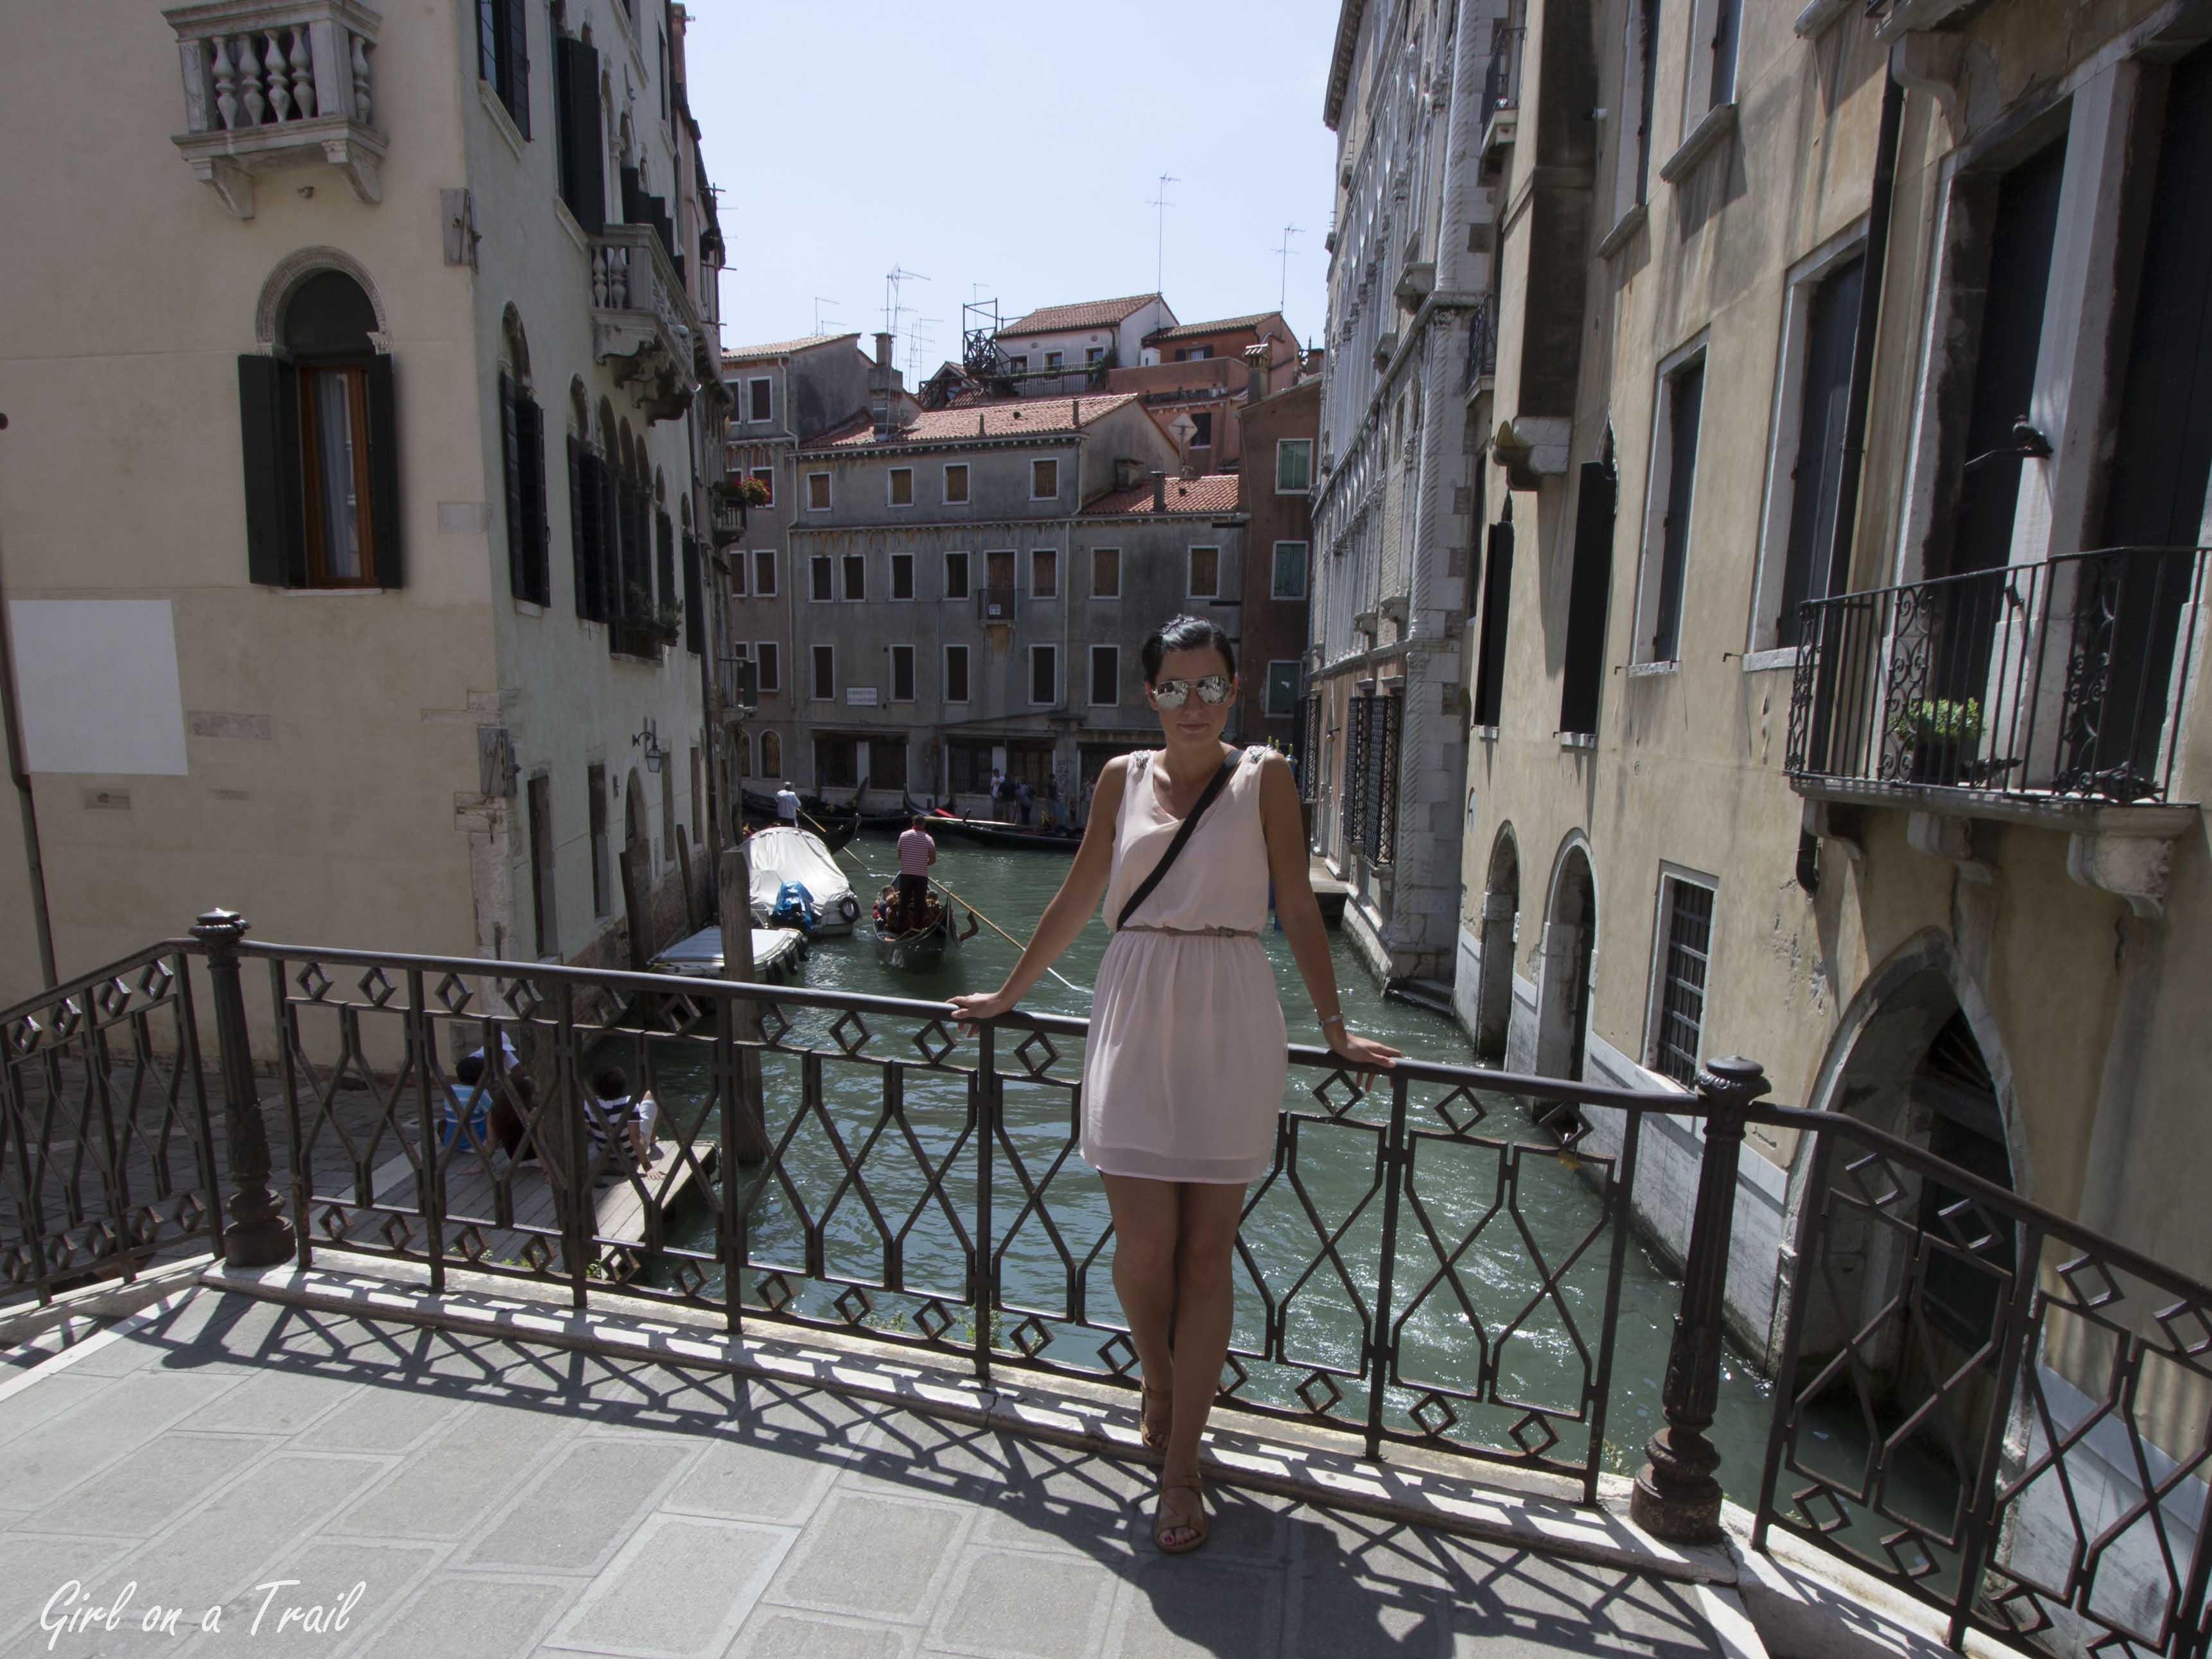 Wenecja/Venice